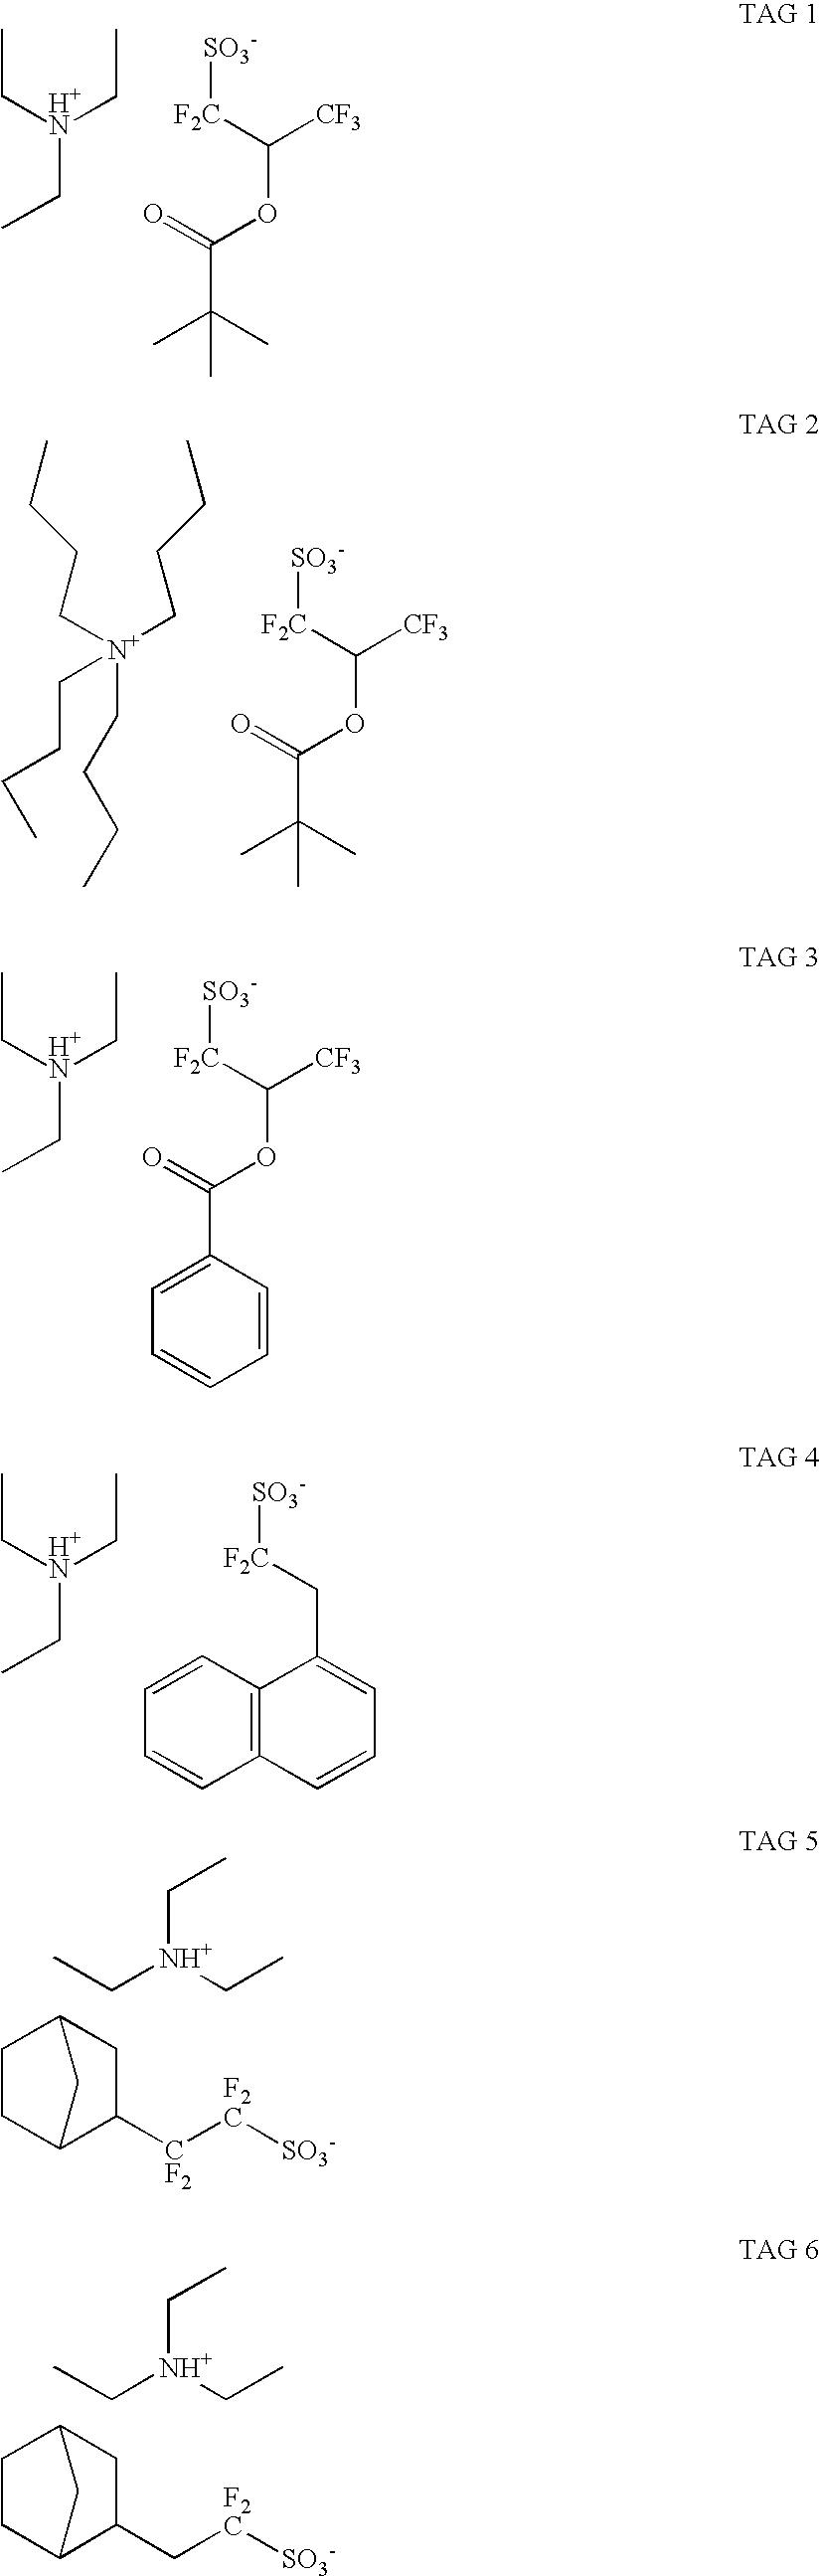 Figure US20080032231A1-20080207-C00016